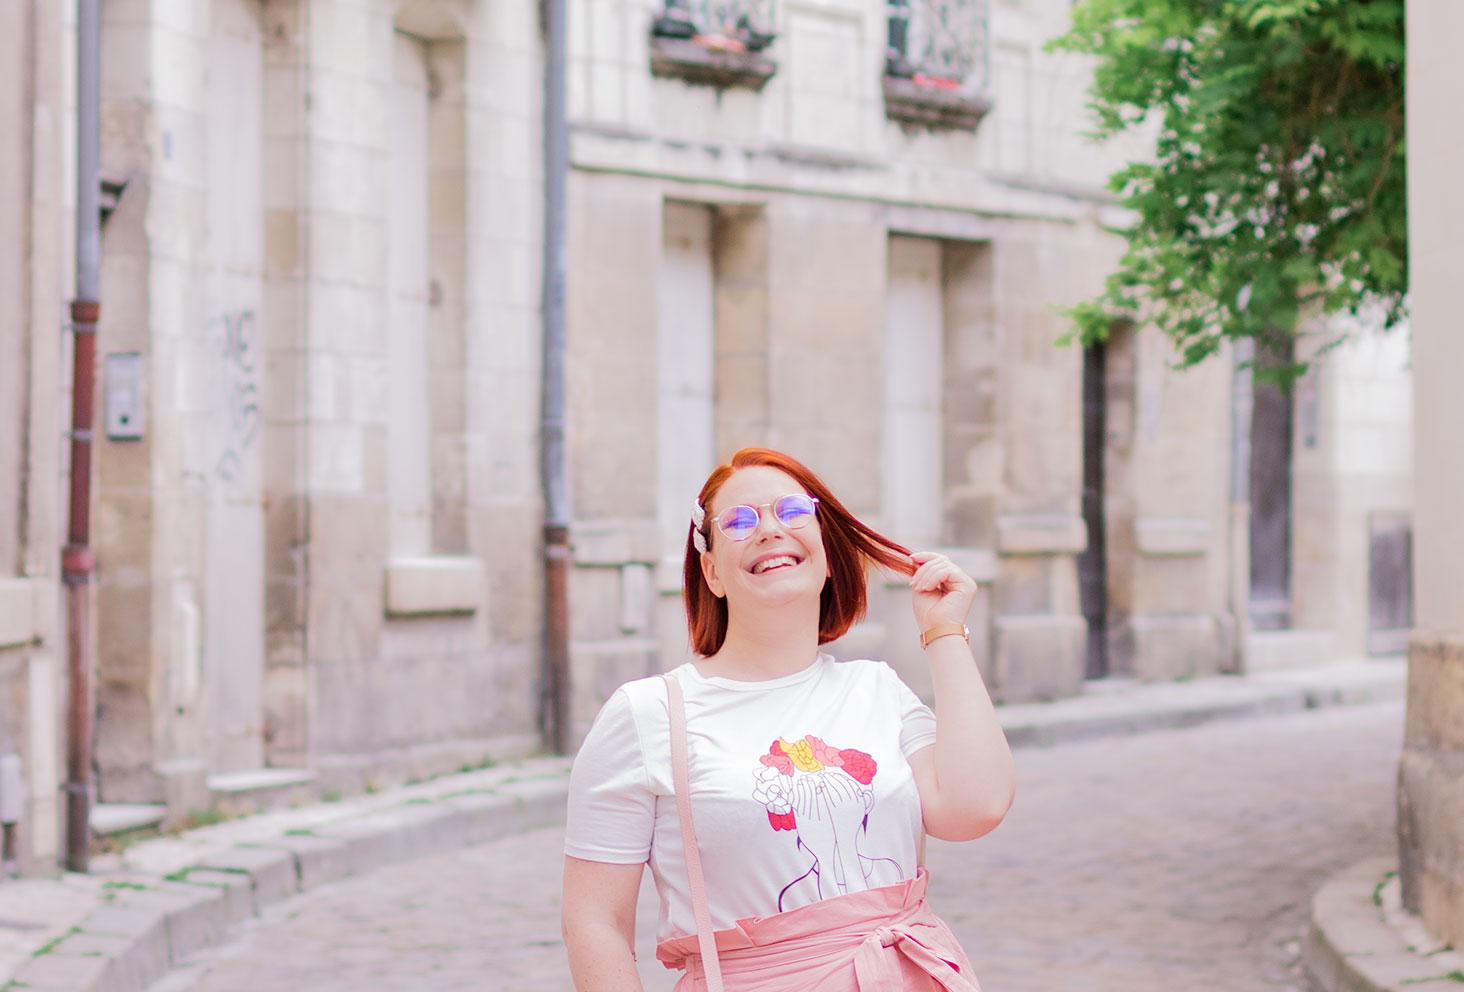 Zoom sur le t-shirt à motif visage de femme et fleurs roses Shein porté dans la rue, une main dans les cheveux avec le sourire